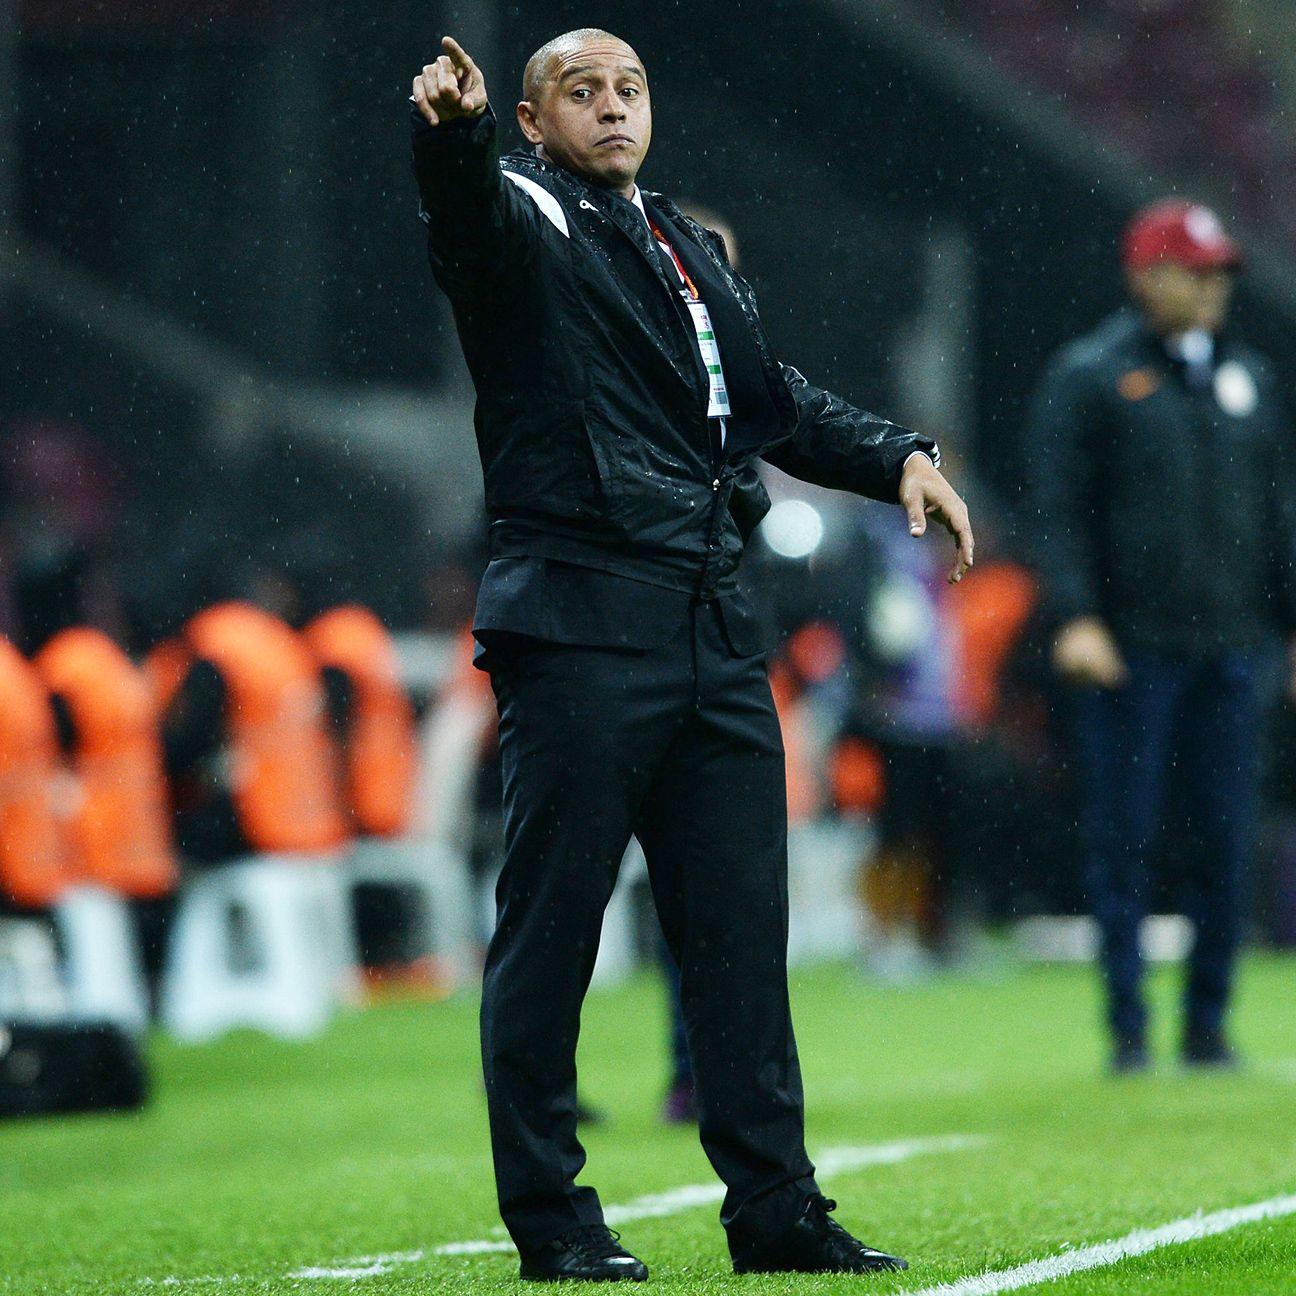 Roberto Carlos: Roberto Carlos To Manage Delhi Dynamos In Indian League